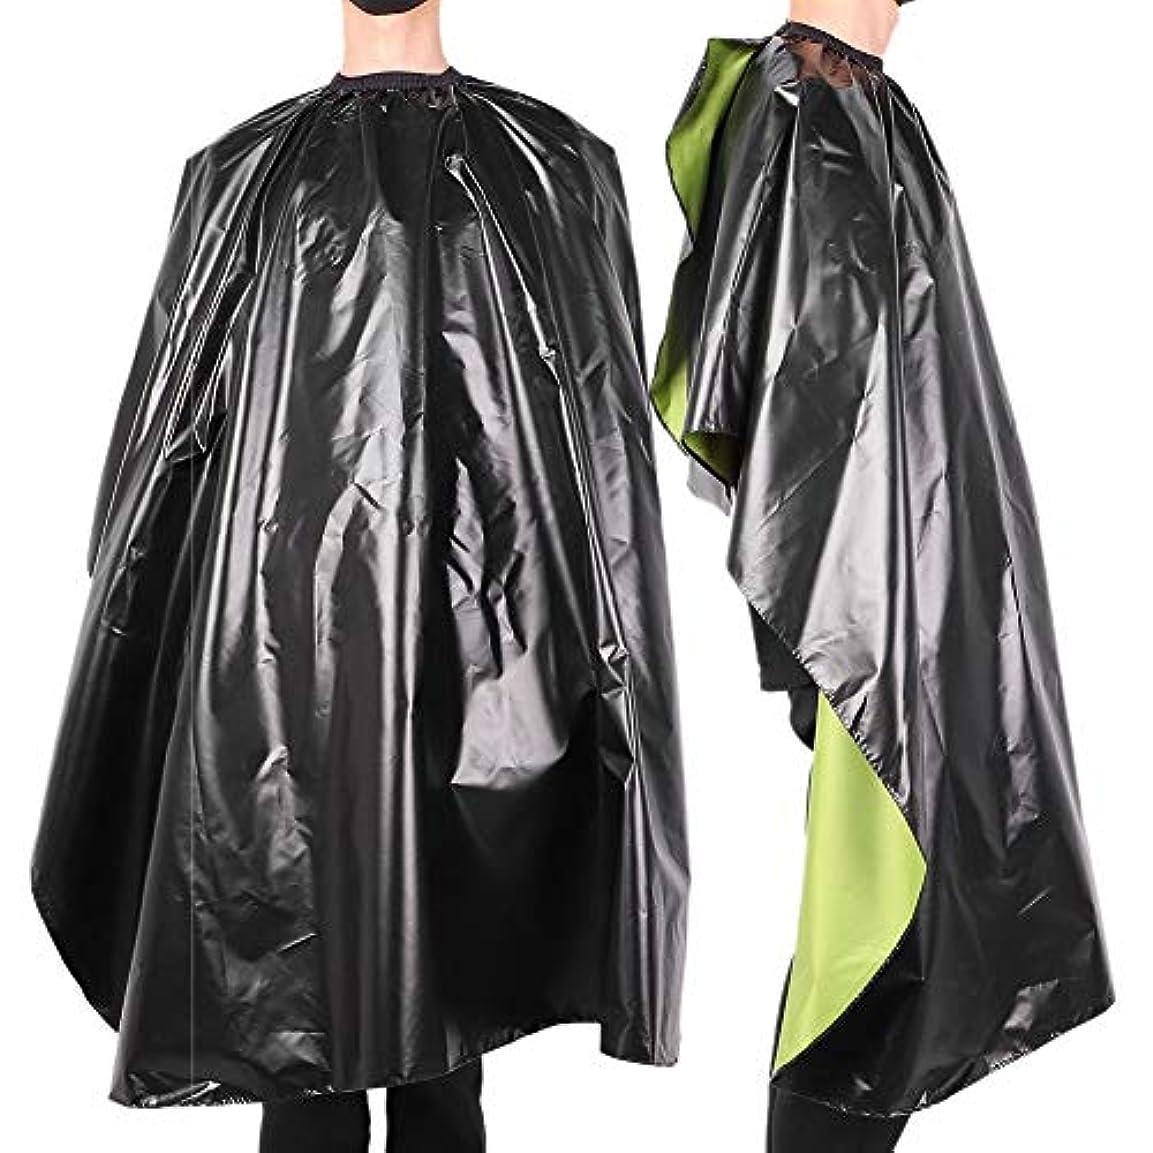 新しい意味ペンス崇拝する防水 調整可能 サロン 散髪 ヘアスタイリングケープ-ガ ウン大人の理髪理髪師 ラップエプロン